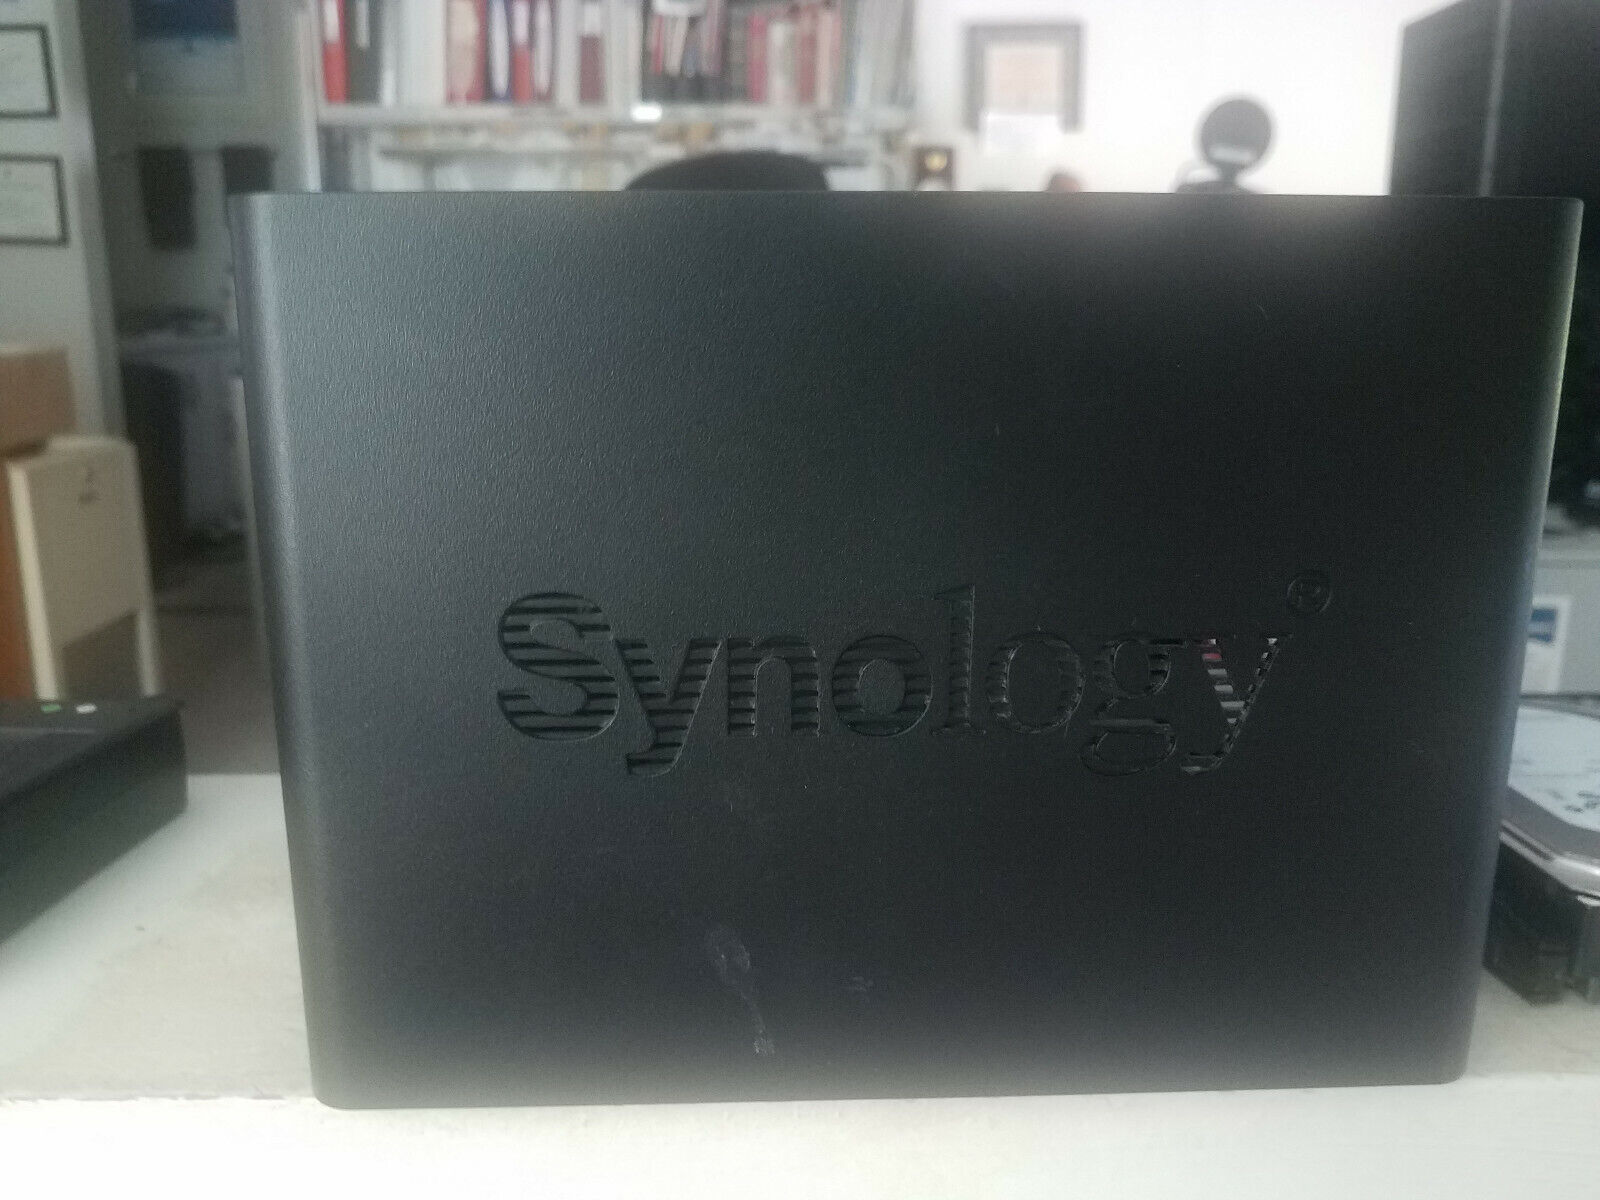 Synology Diskstation Ds416 4 Bay Nas Server For Sale Online Ebay